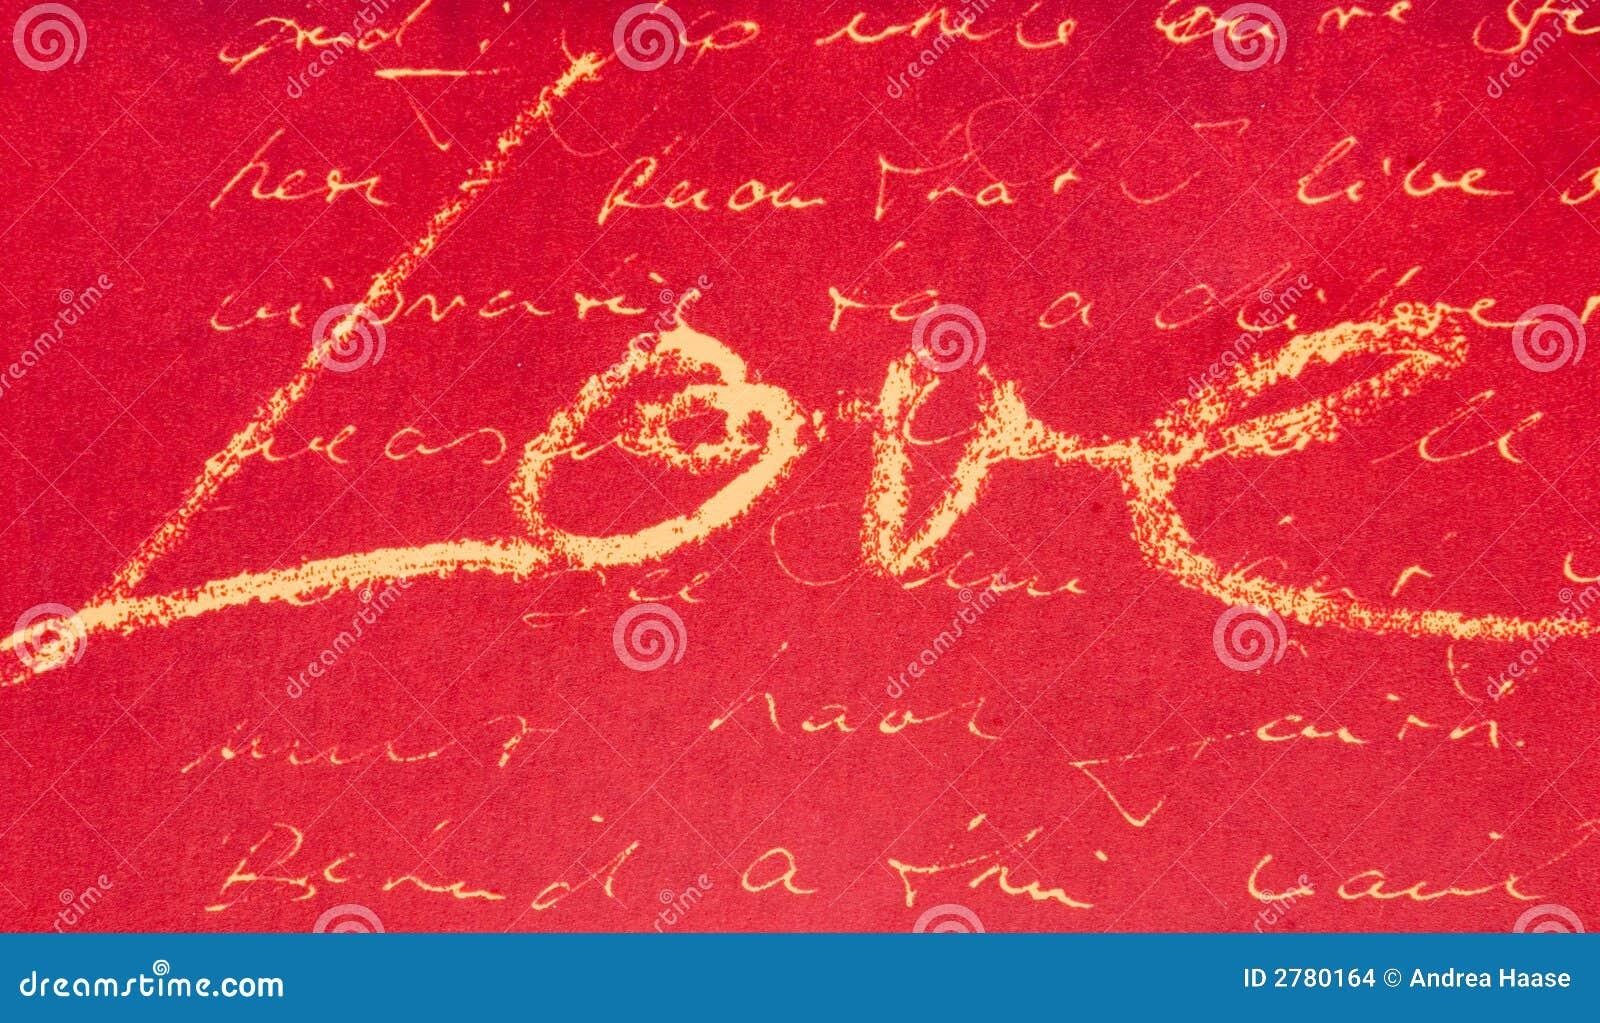 Pismo miłości